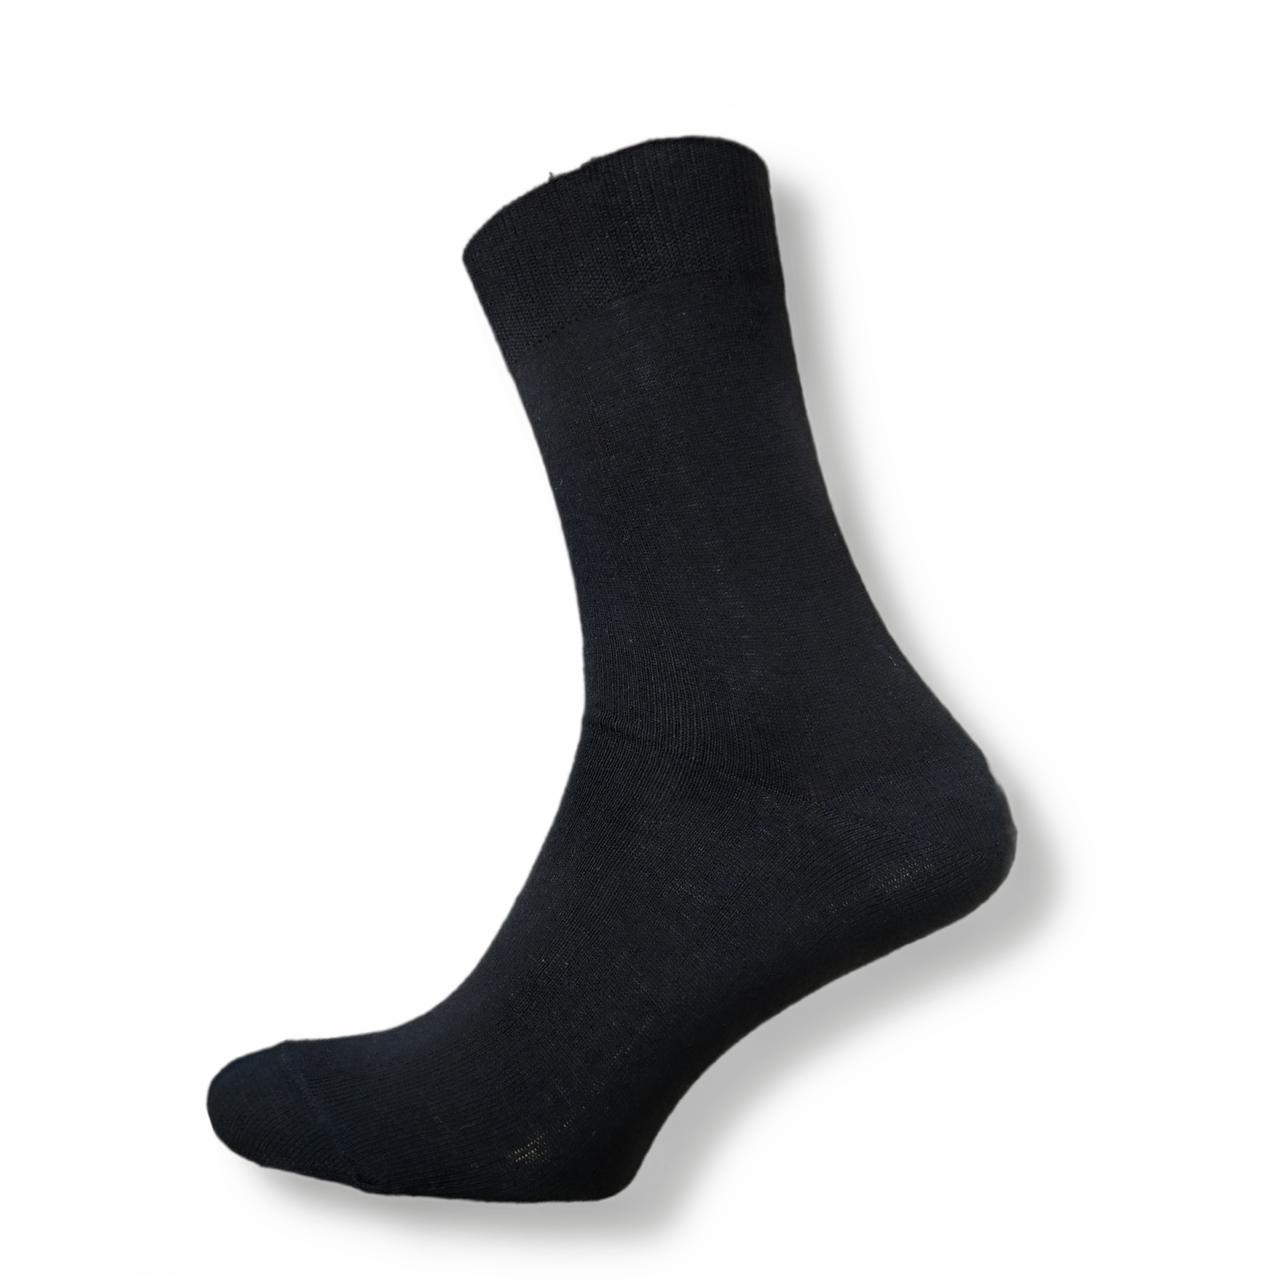 Шкарпетки високі чорні бавовняні Житомир 43-44 розмір